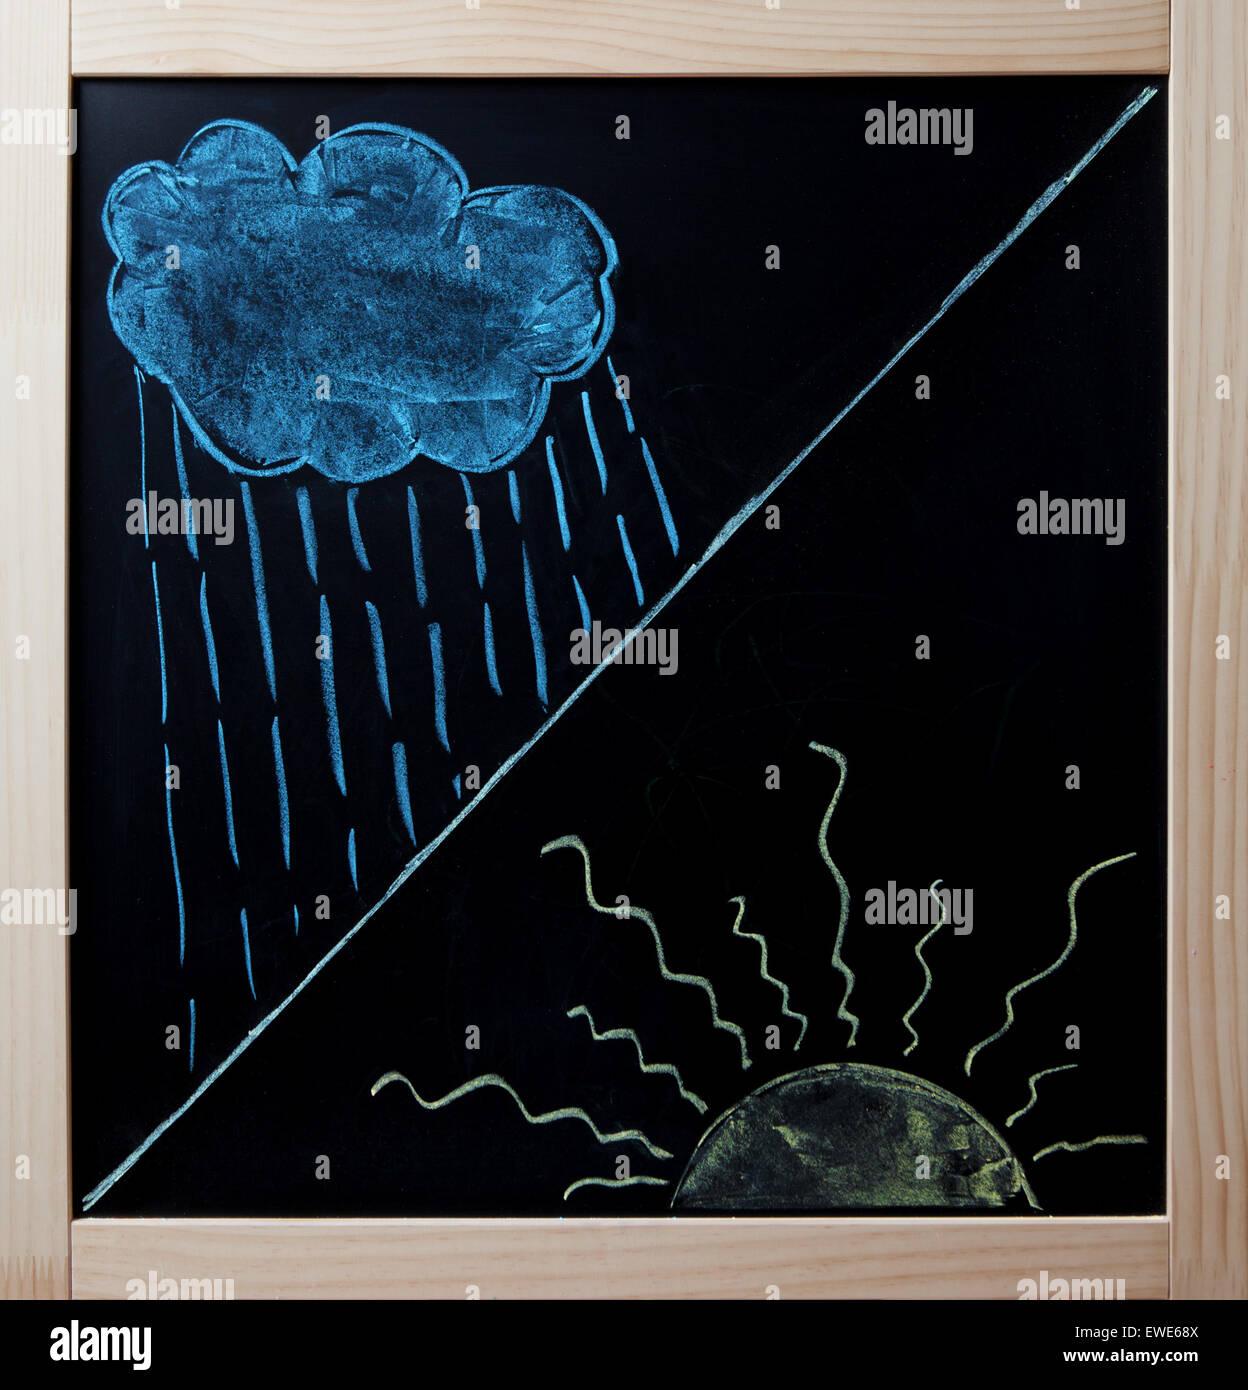 Rain cloud and beaming sun drawn on blackboard. - Stock Image